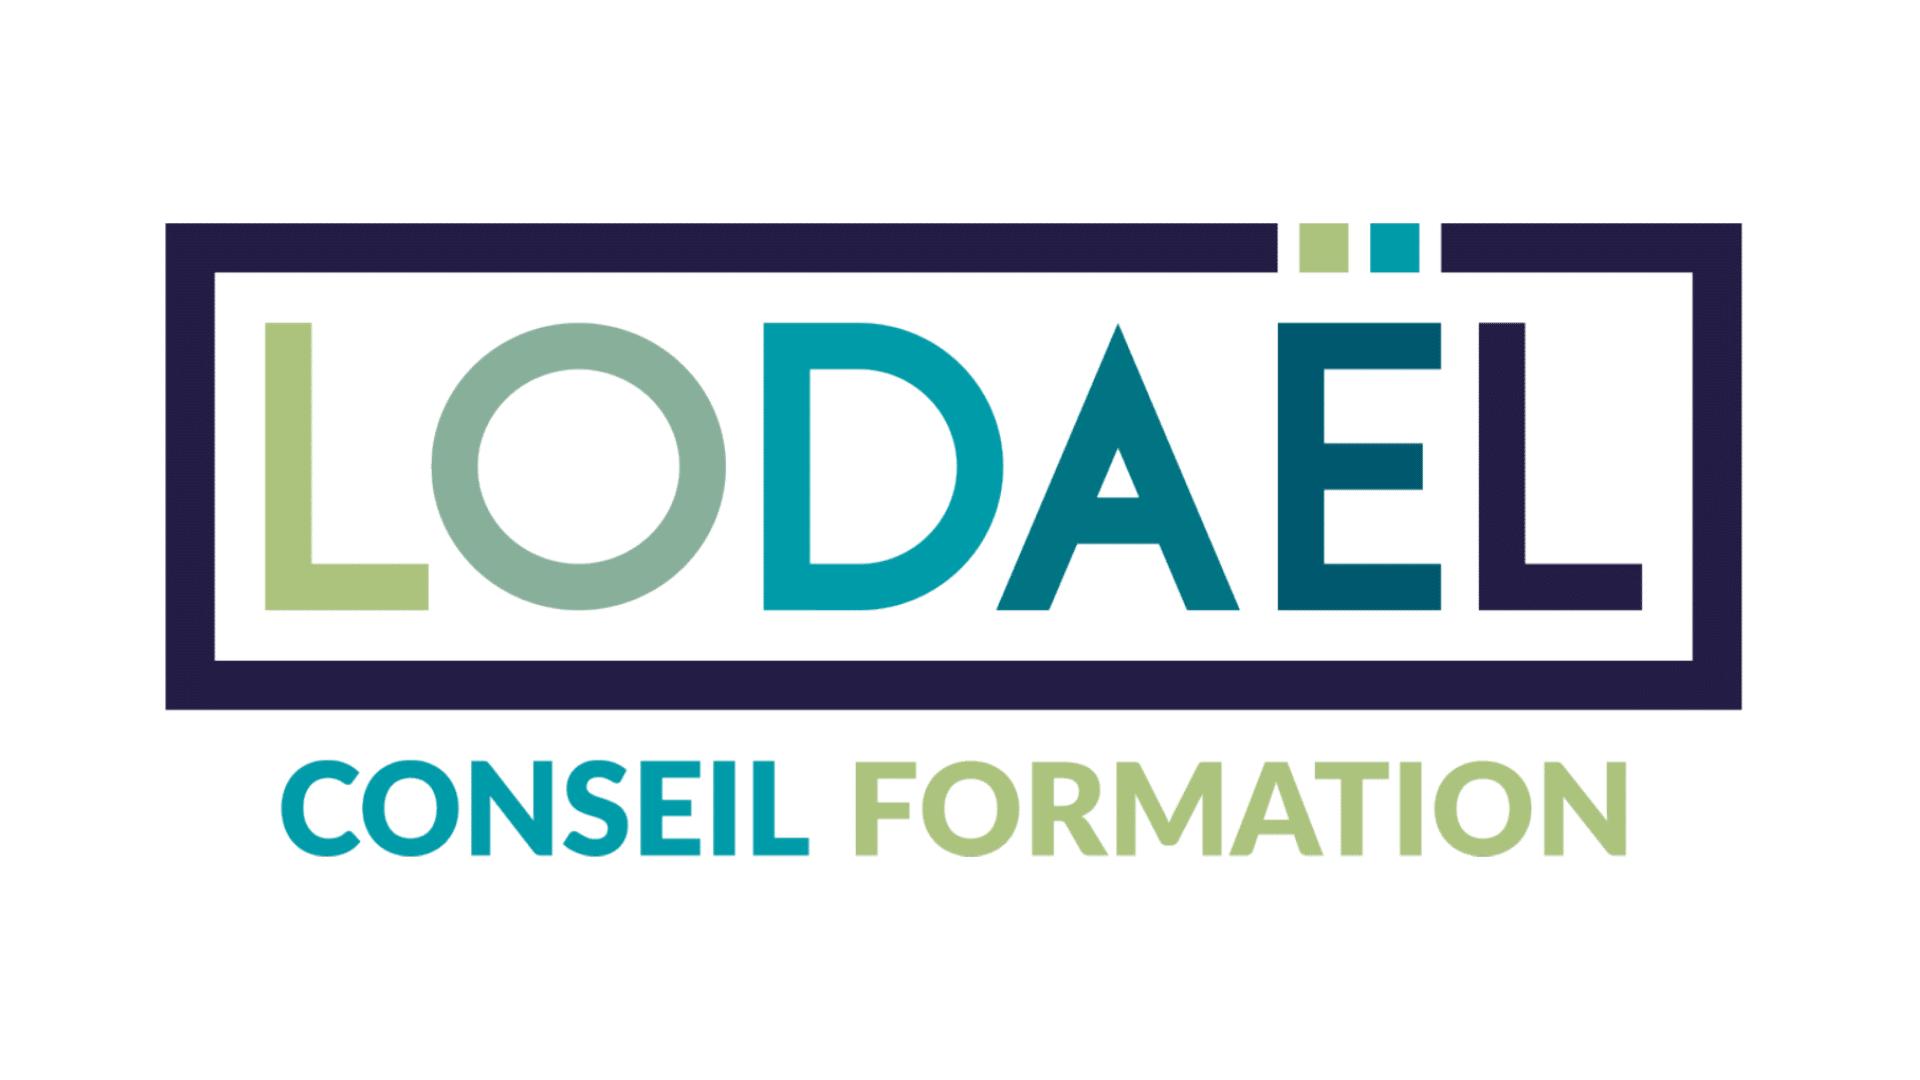 Lodael Conseil Formation logo